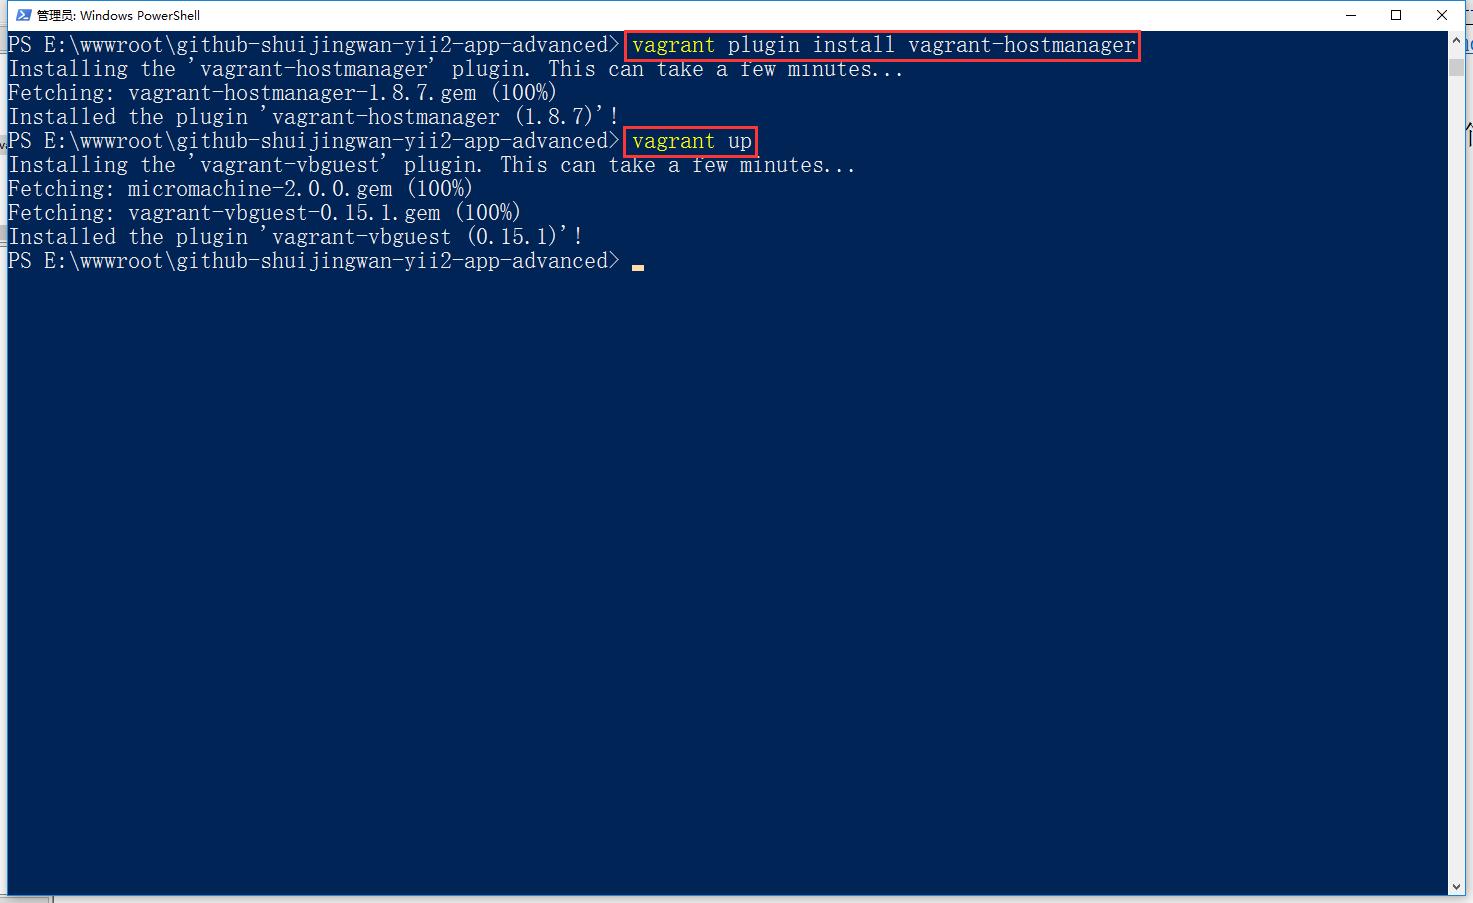 打开Windows PowerShell,切换路径至项目根目录,并且执行如下命令